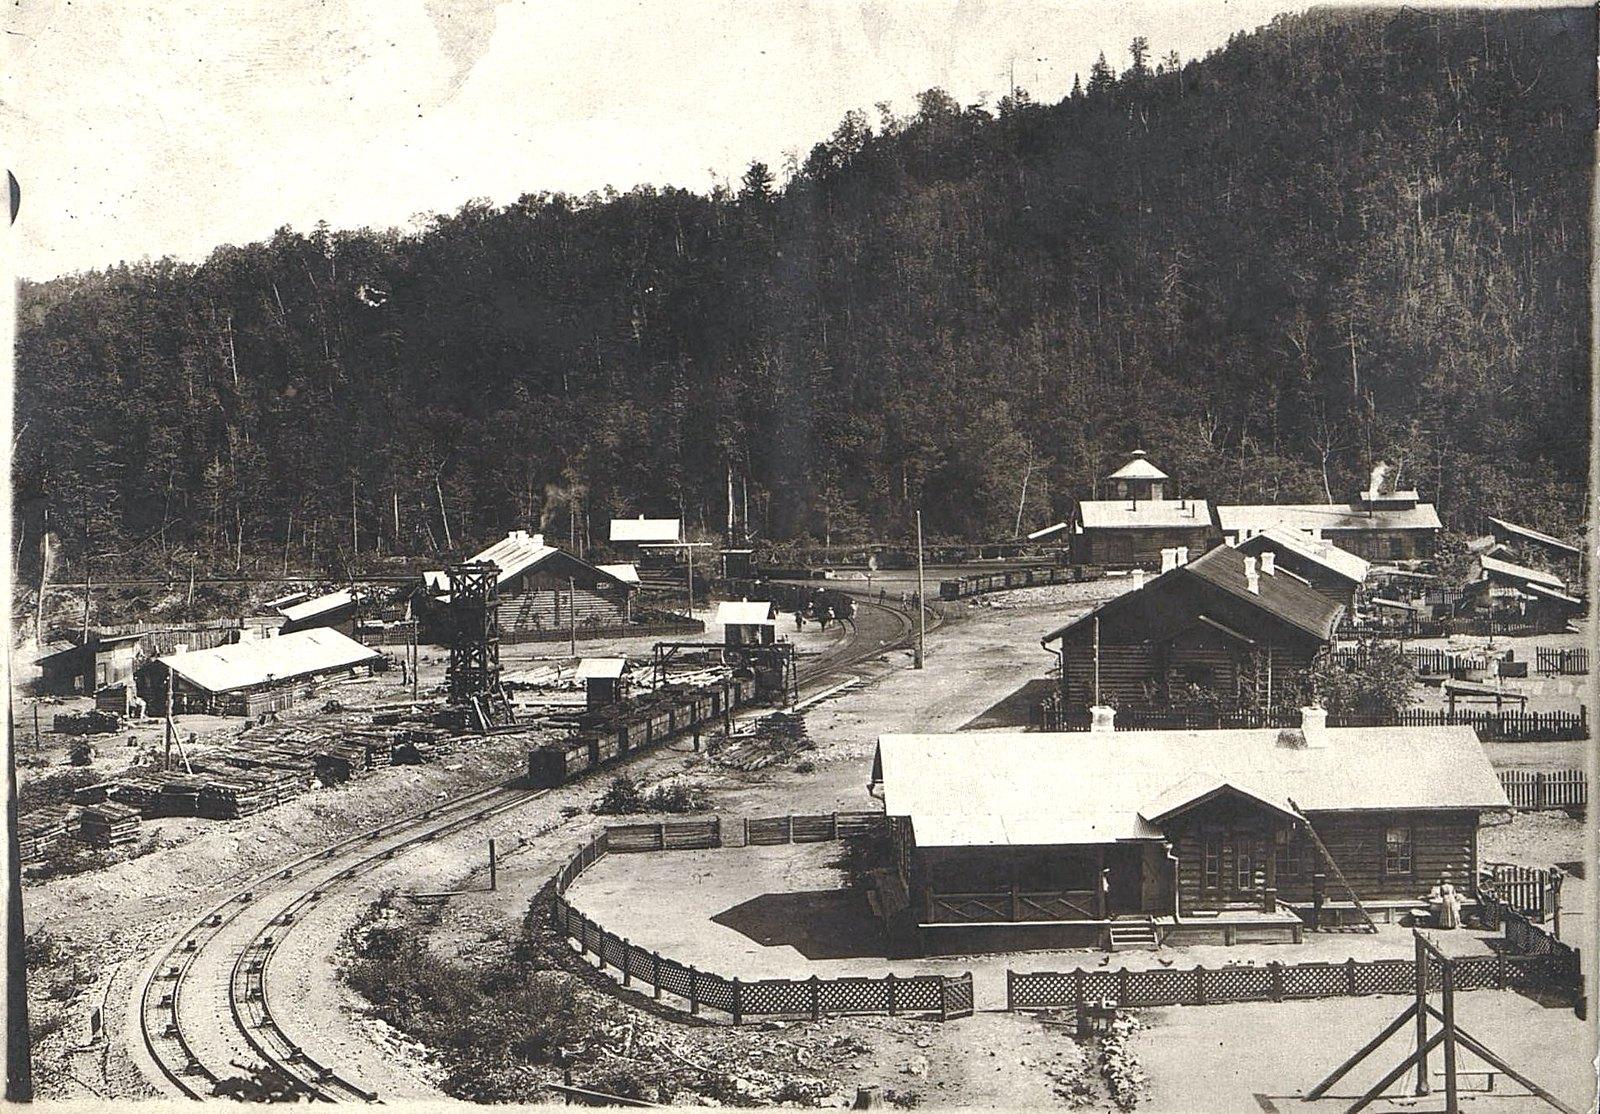 Станция Фанза Сучанской узкоколейной железной дороги - начало участка с применением канатной тяги